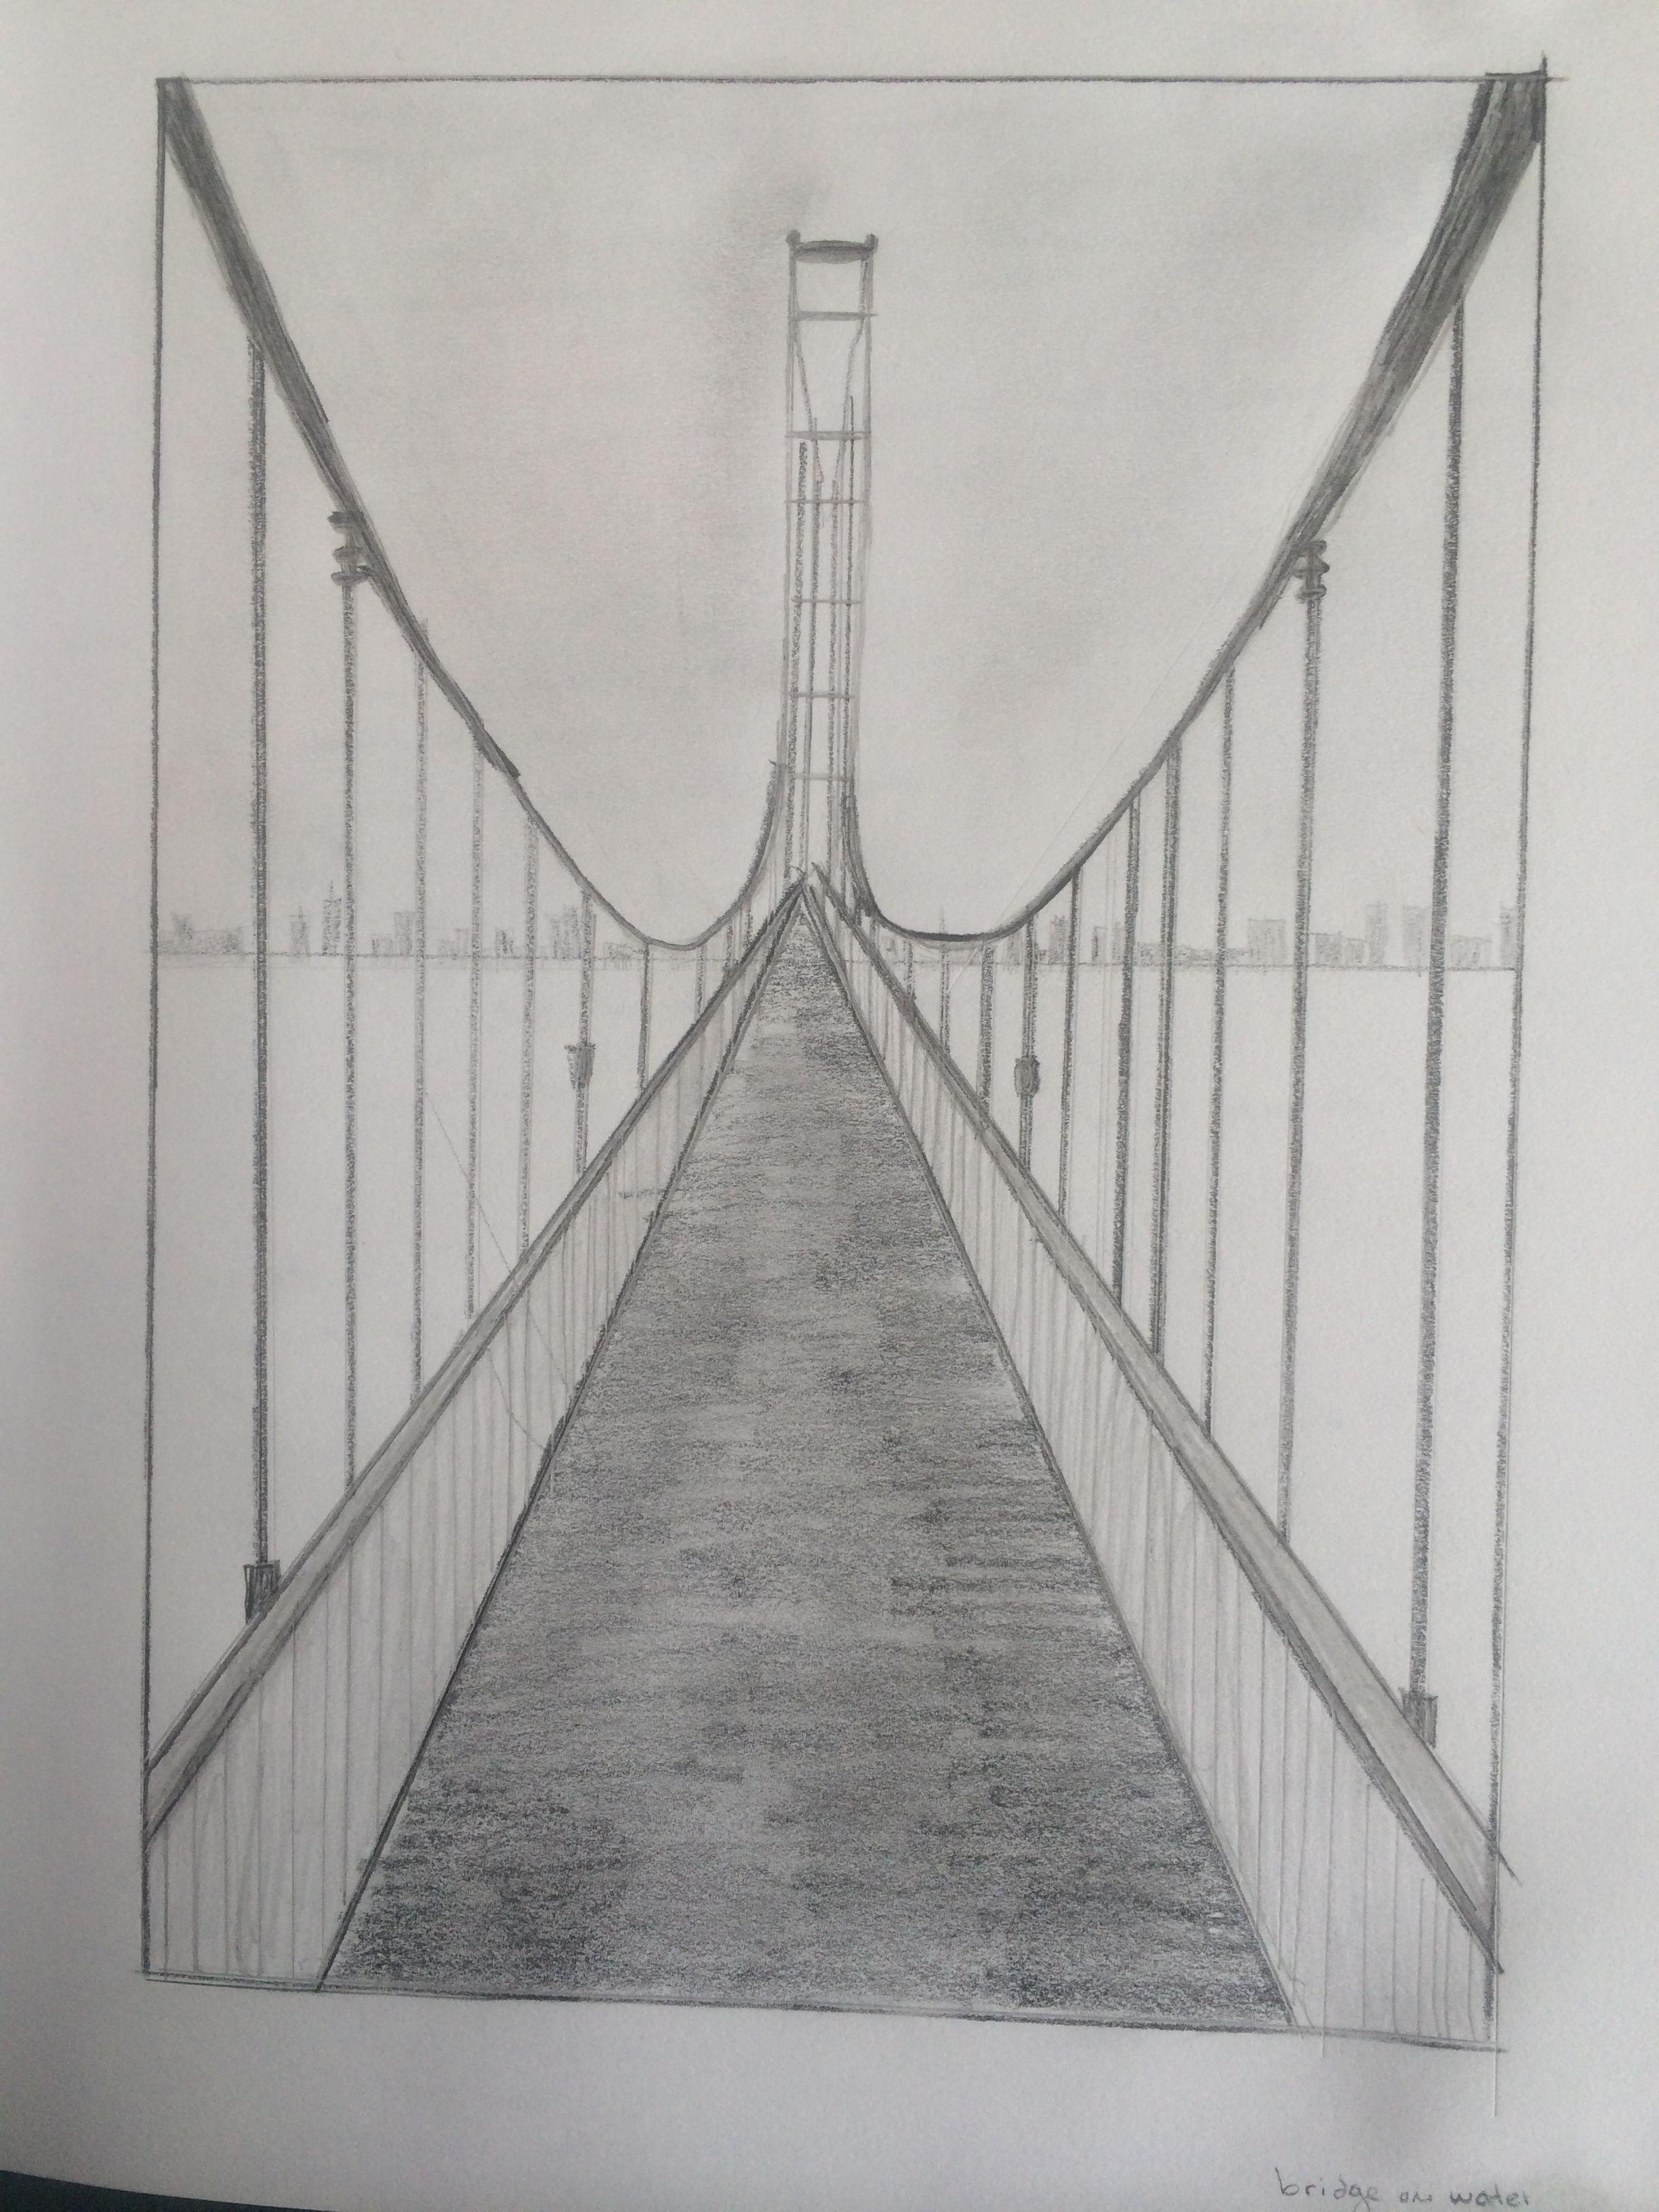 One Point Perspective Bridge